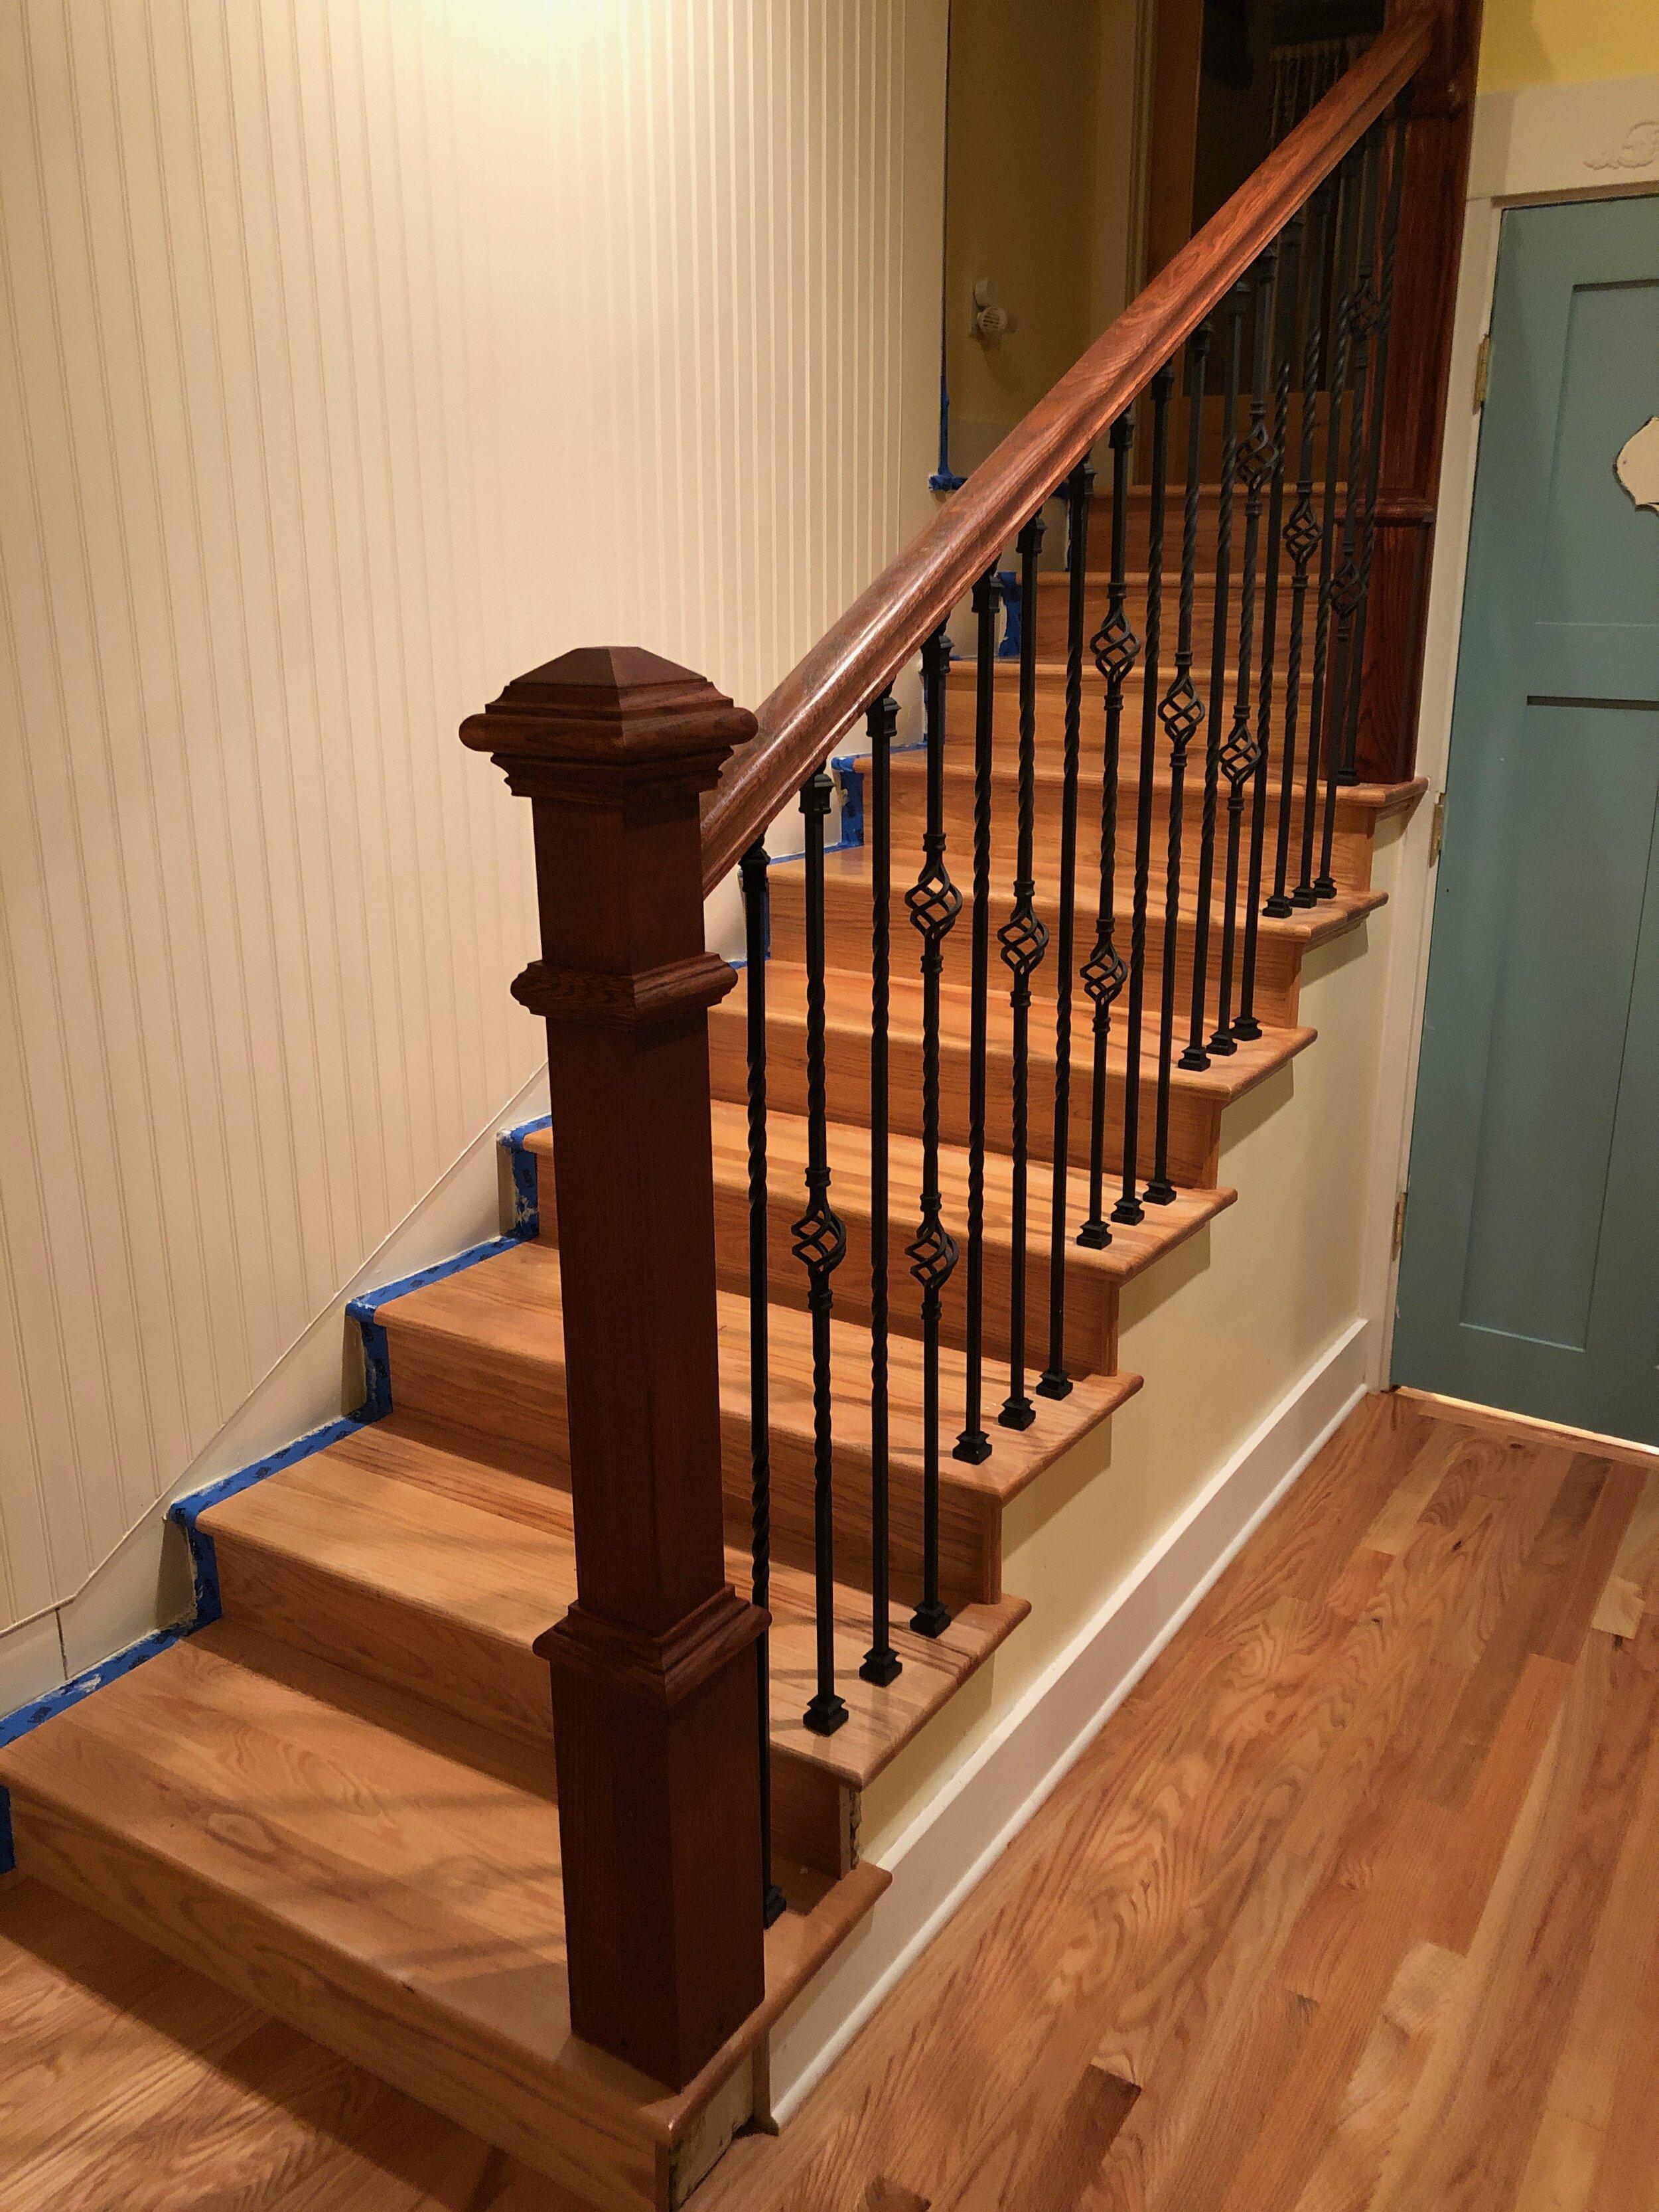 Stairwell in Novemb er 56532339969__A919AF2E-0E6E-4C6A-9B66-12D492CA79DD.jpg